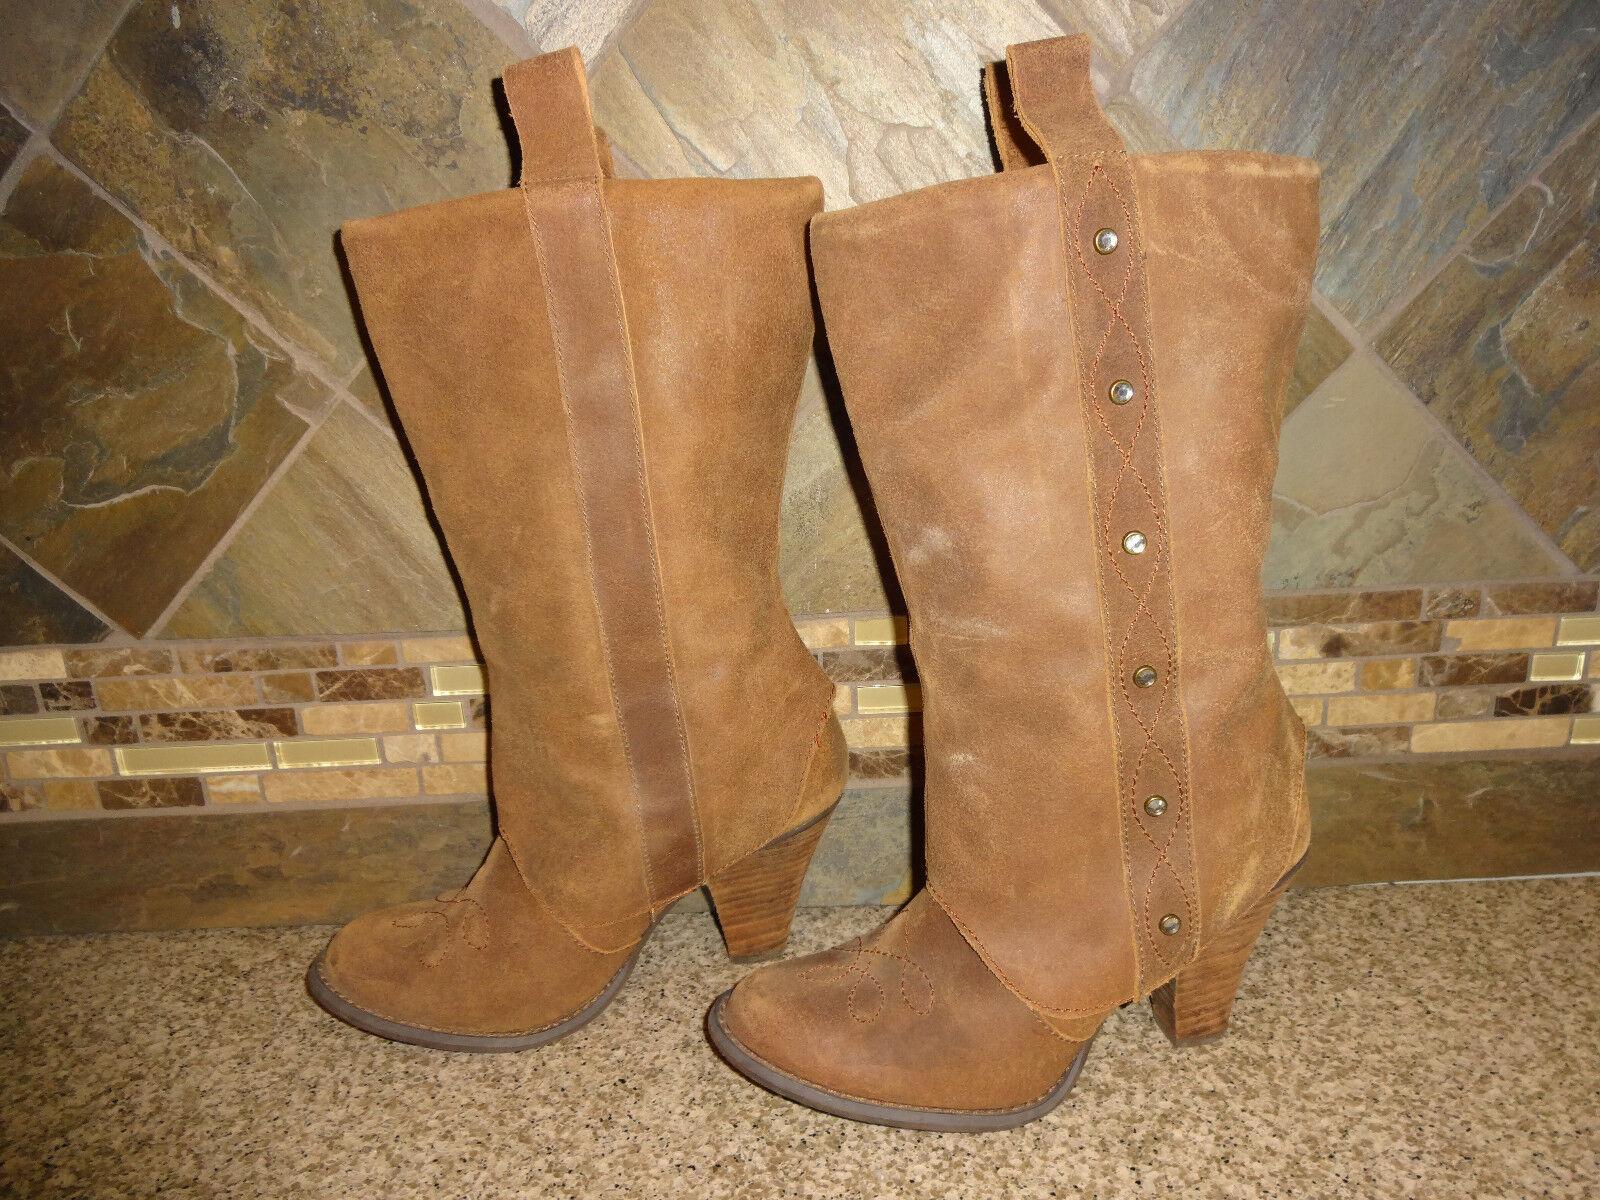 il prezzo più basso donna Naughty Naughty Naughty Monkey Sz 8 Marrone Leather stivali Cowboy 3.5  Heels  più preferenziale